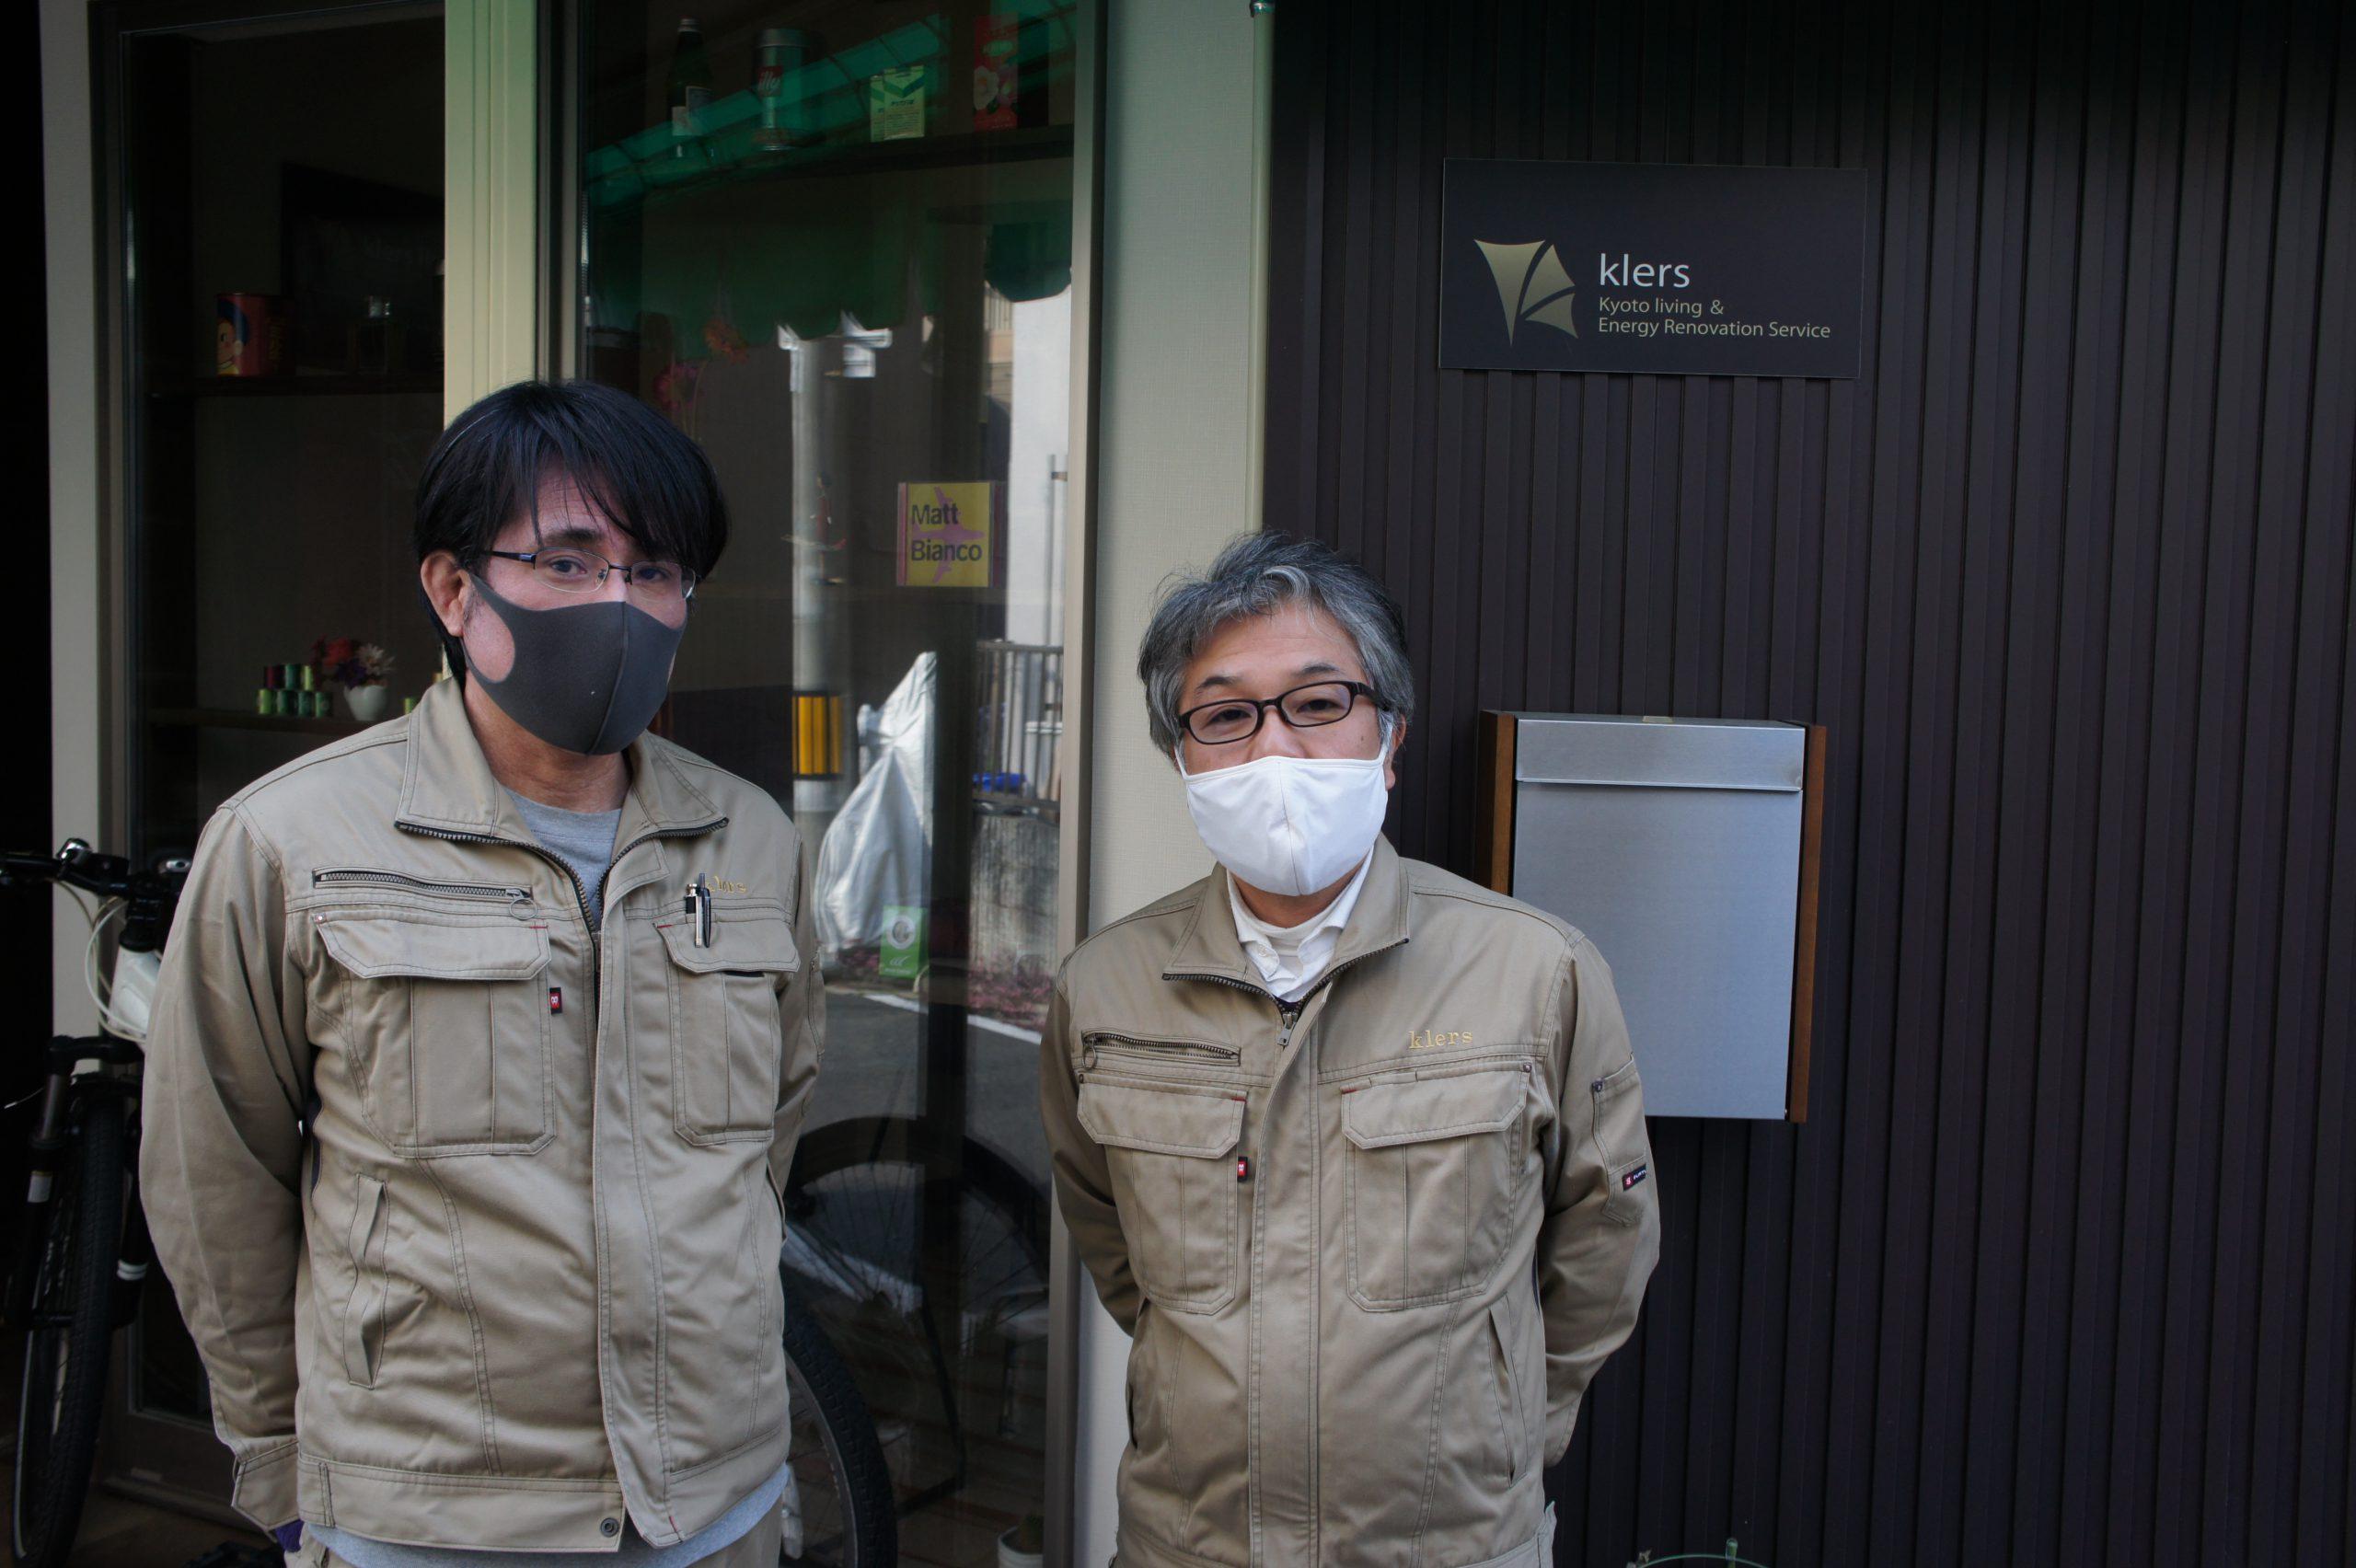 スタッフの方との写真。右側が横井さん